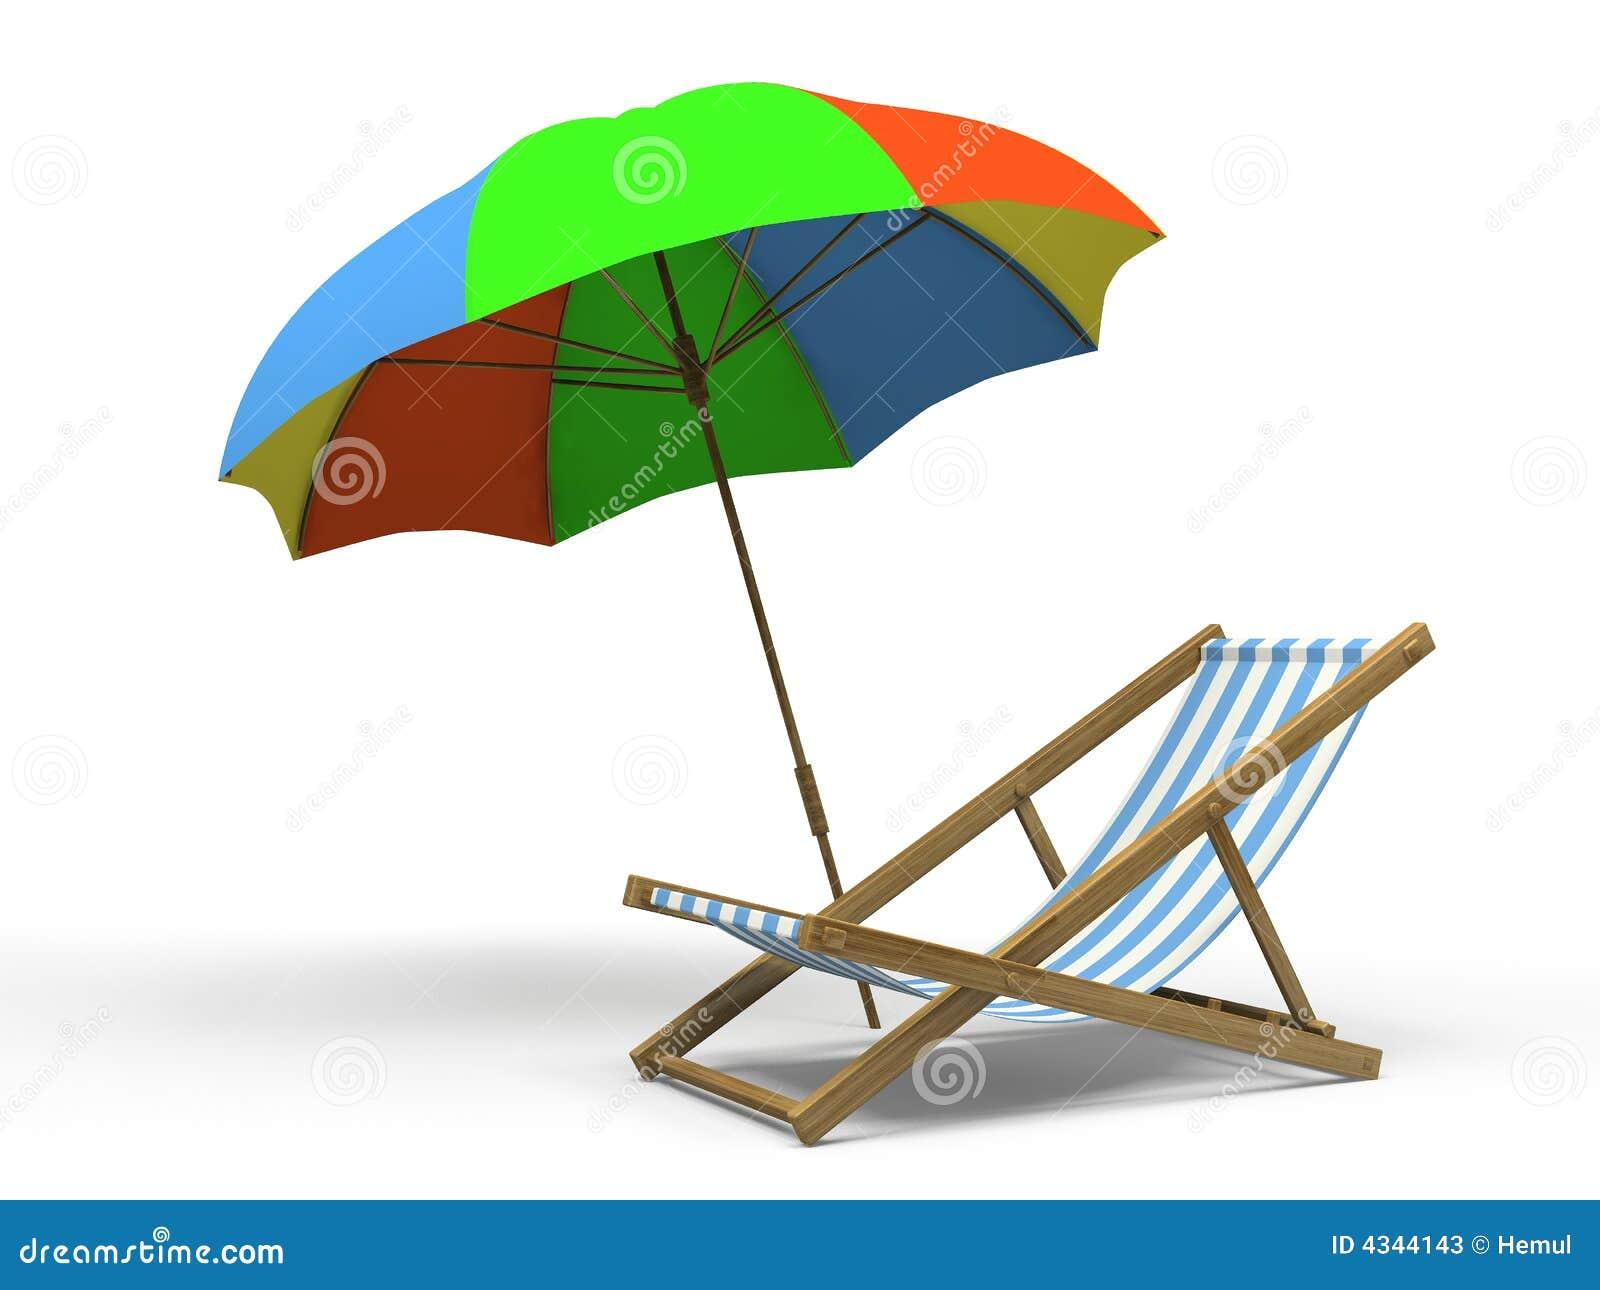 Parasol StockDu Chaise Sofa Et Illustration Longue vNwym8n0O